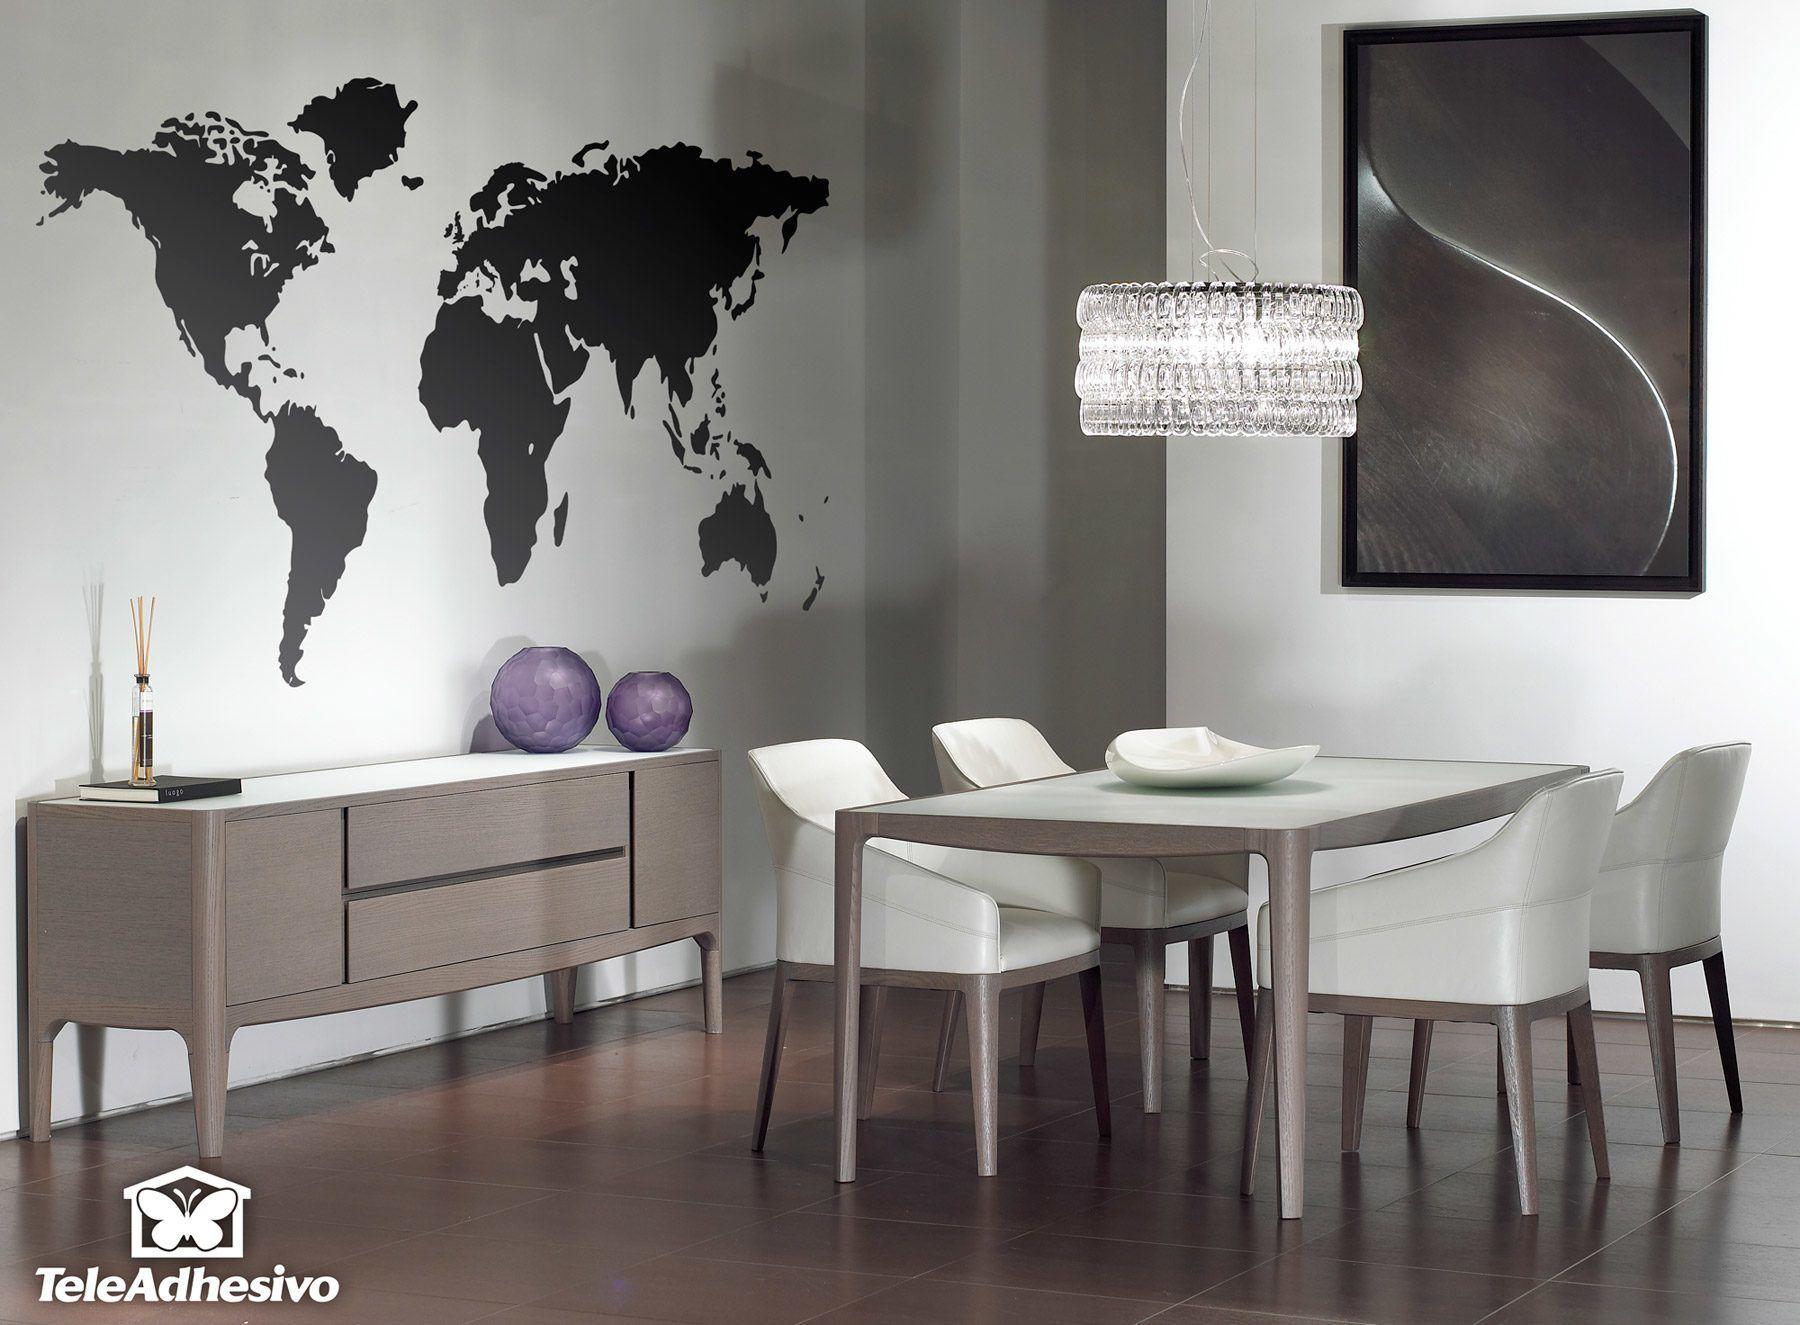 Vinilo decorativo mapa mundi de pared for Tu vinilo decorativo